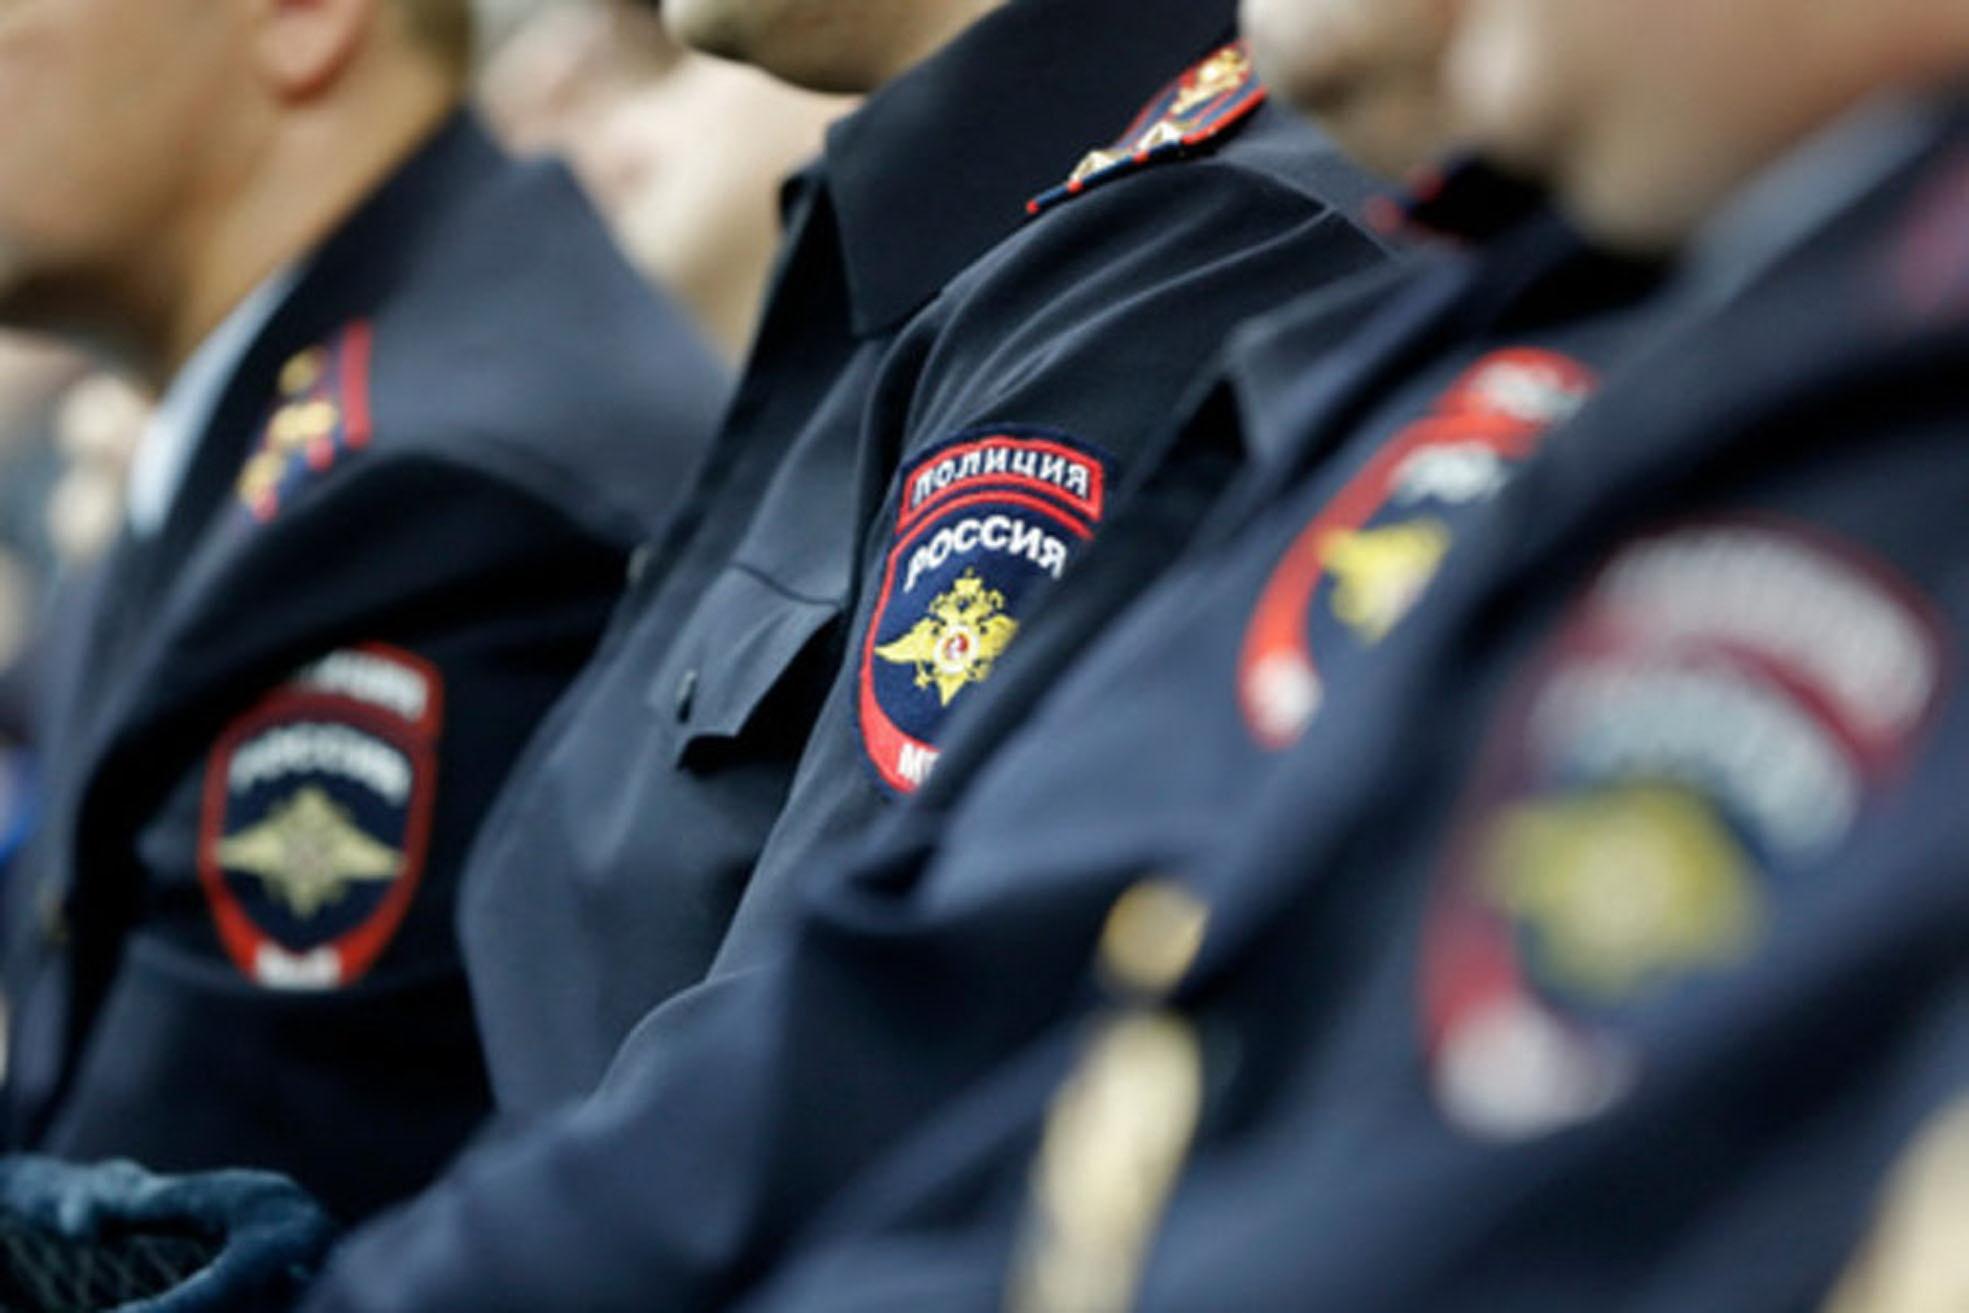 В Крыму до сих пор не нашли мужчину, который пропал с матерью больше трех недель назад